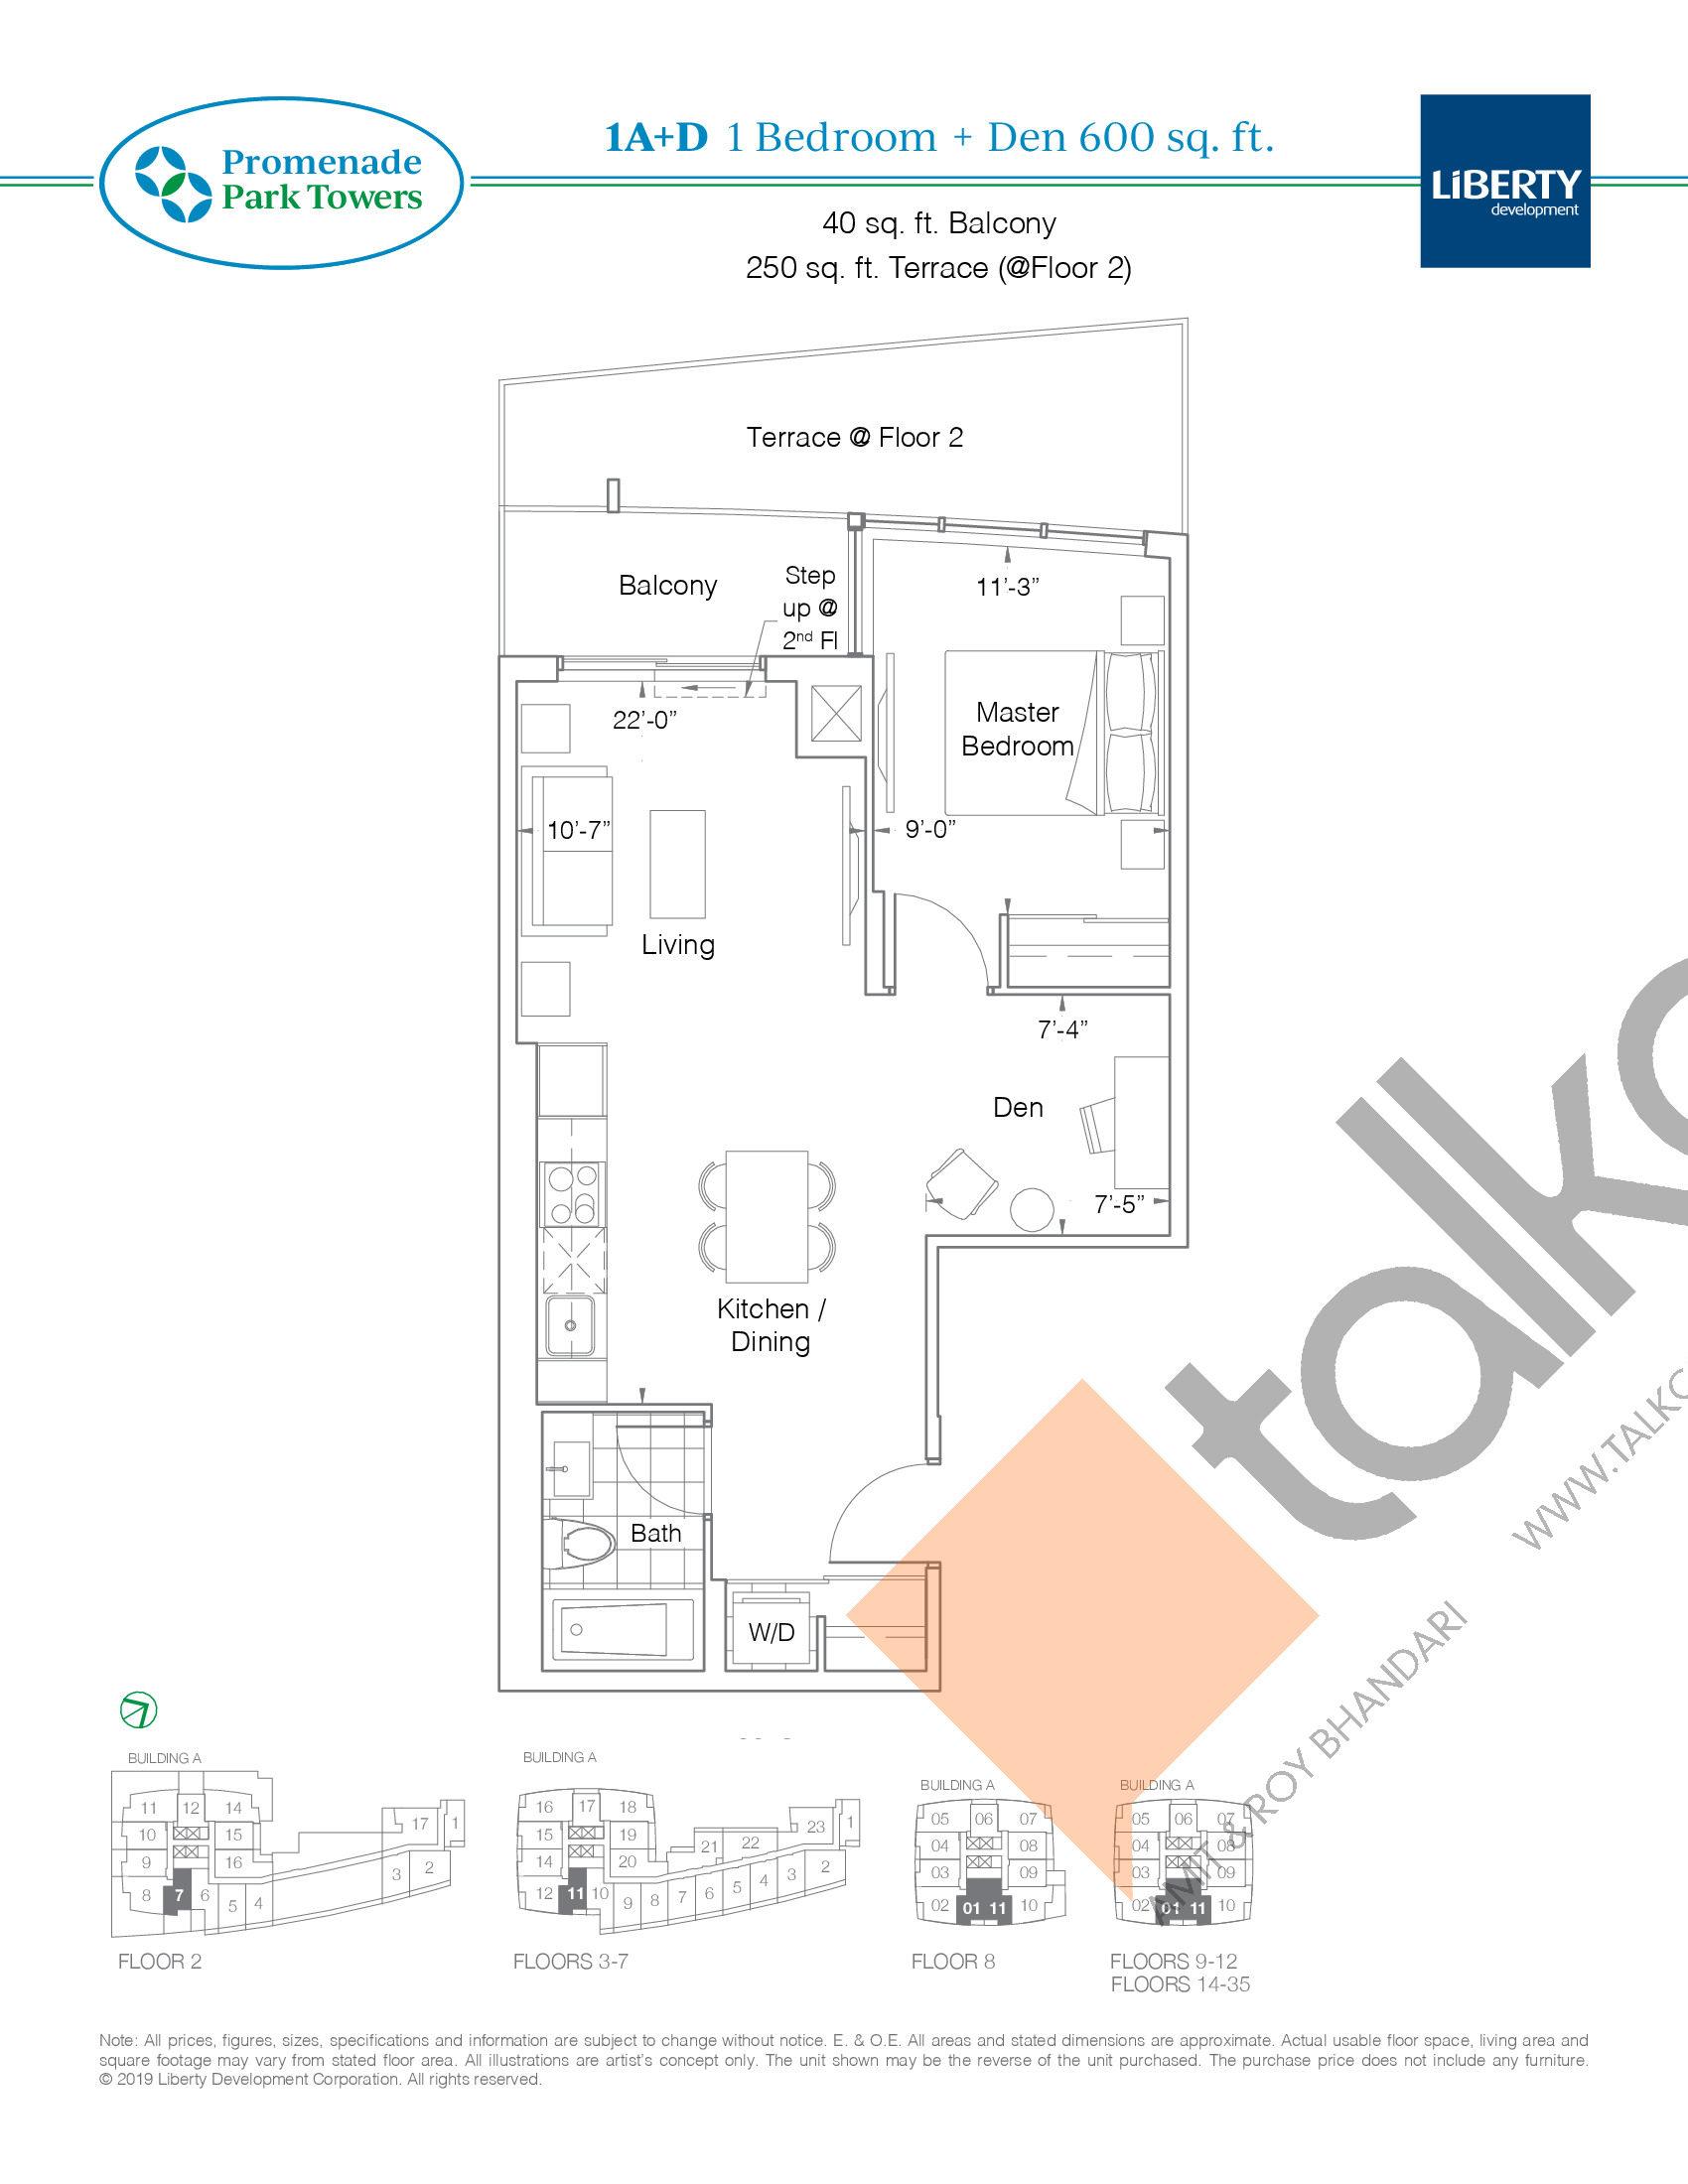 1A+D Floor Plan at Promenade Park Towers Condos - 600 sq.ft